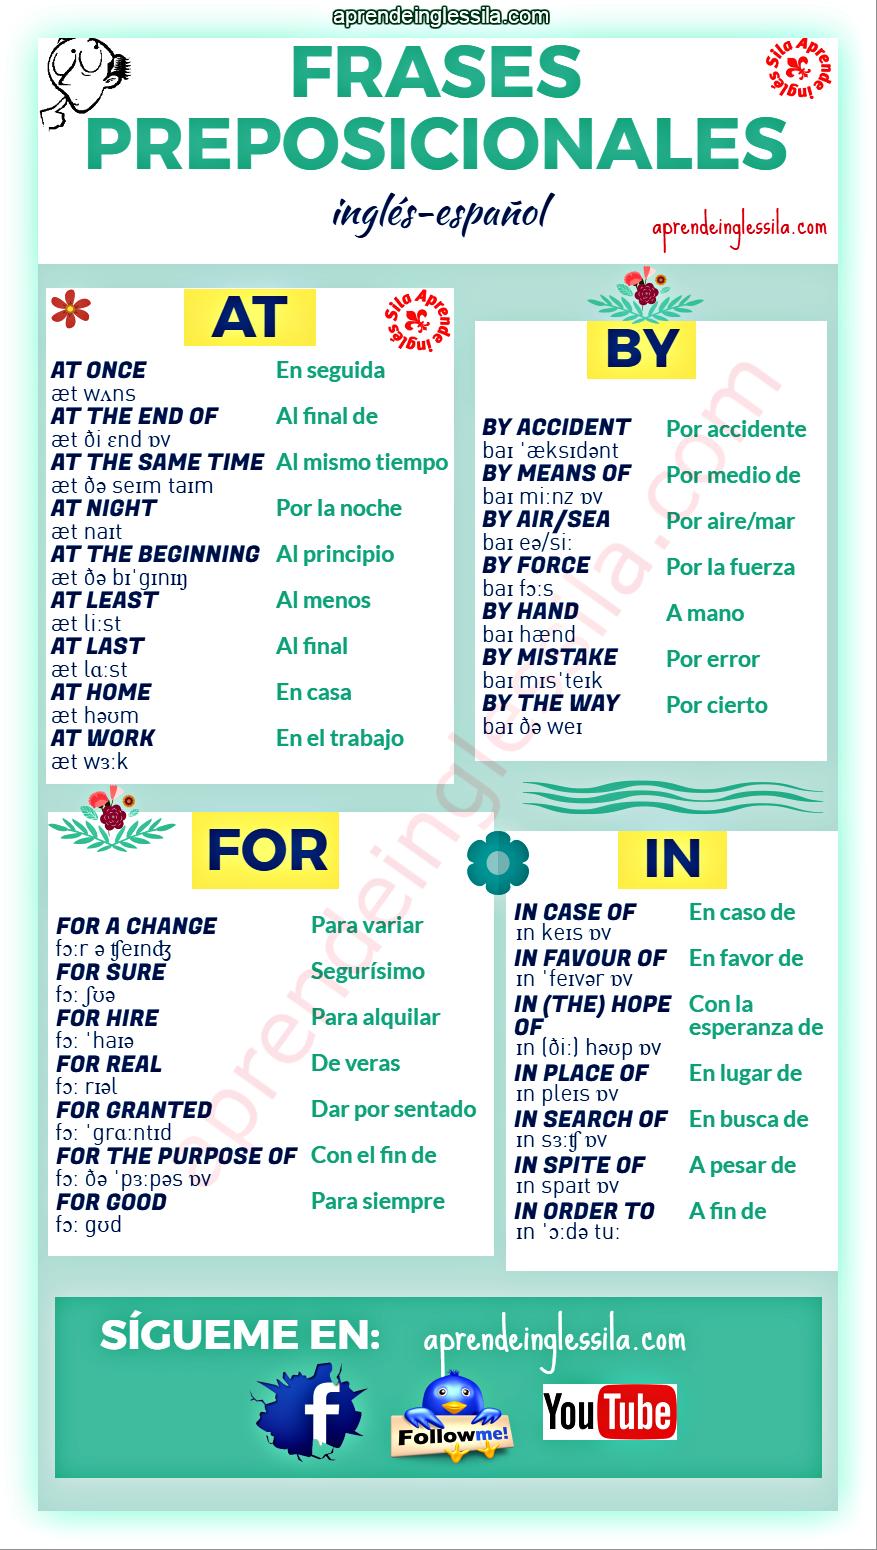 Condicional 0 Ejemplos En Ingles Y Espanol Novocom Top